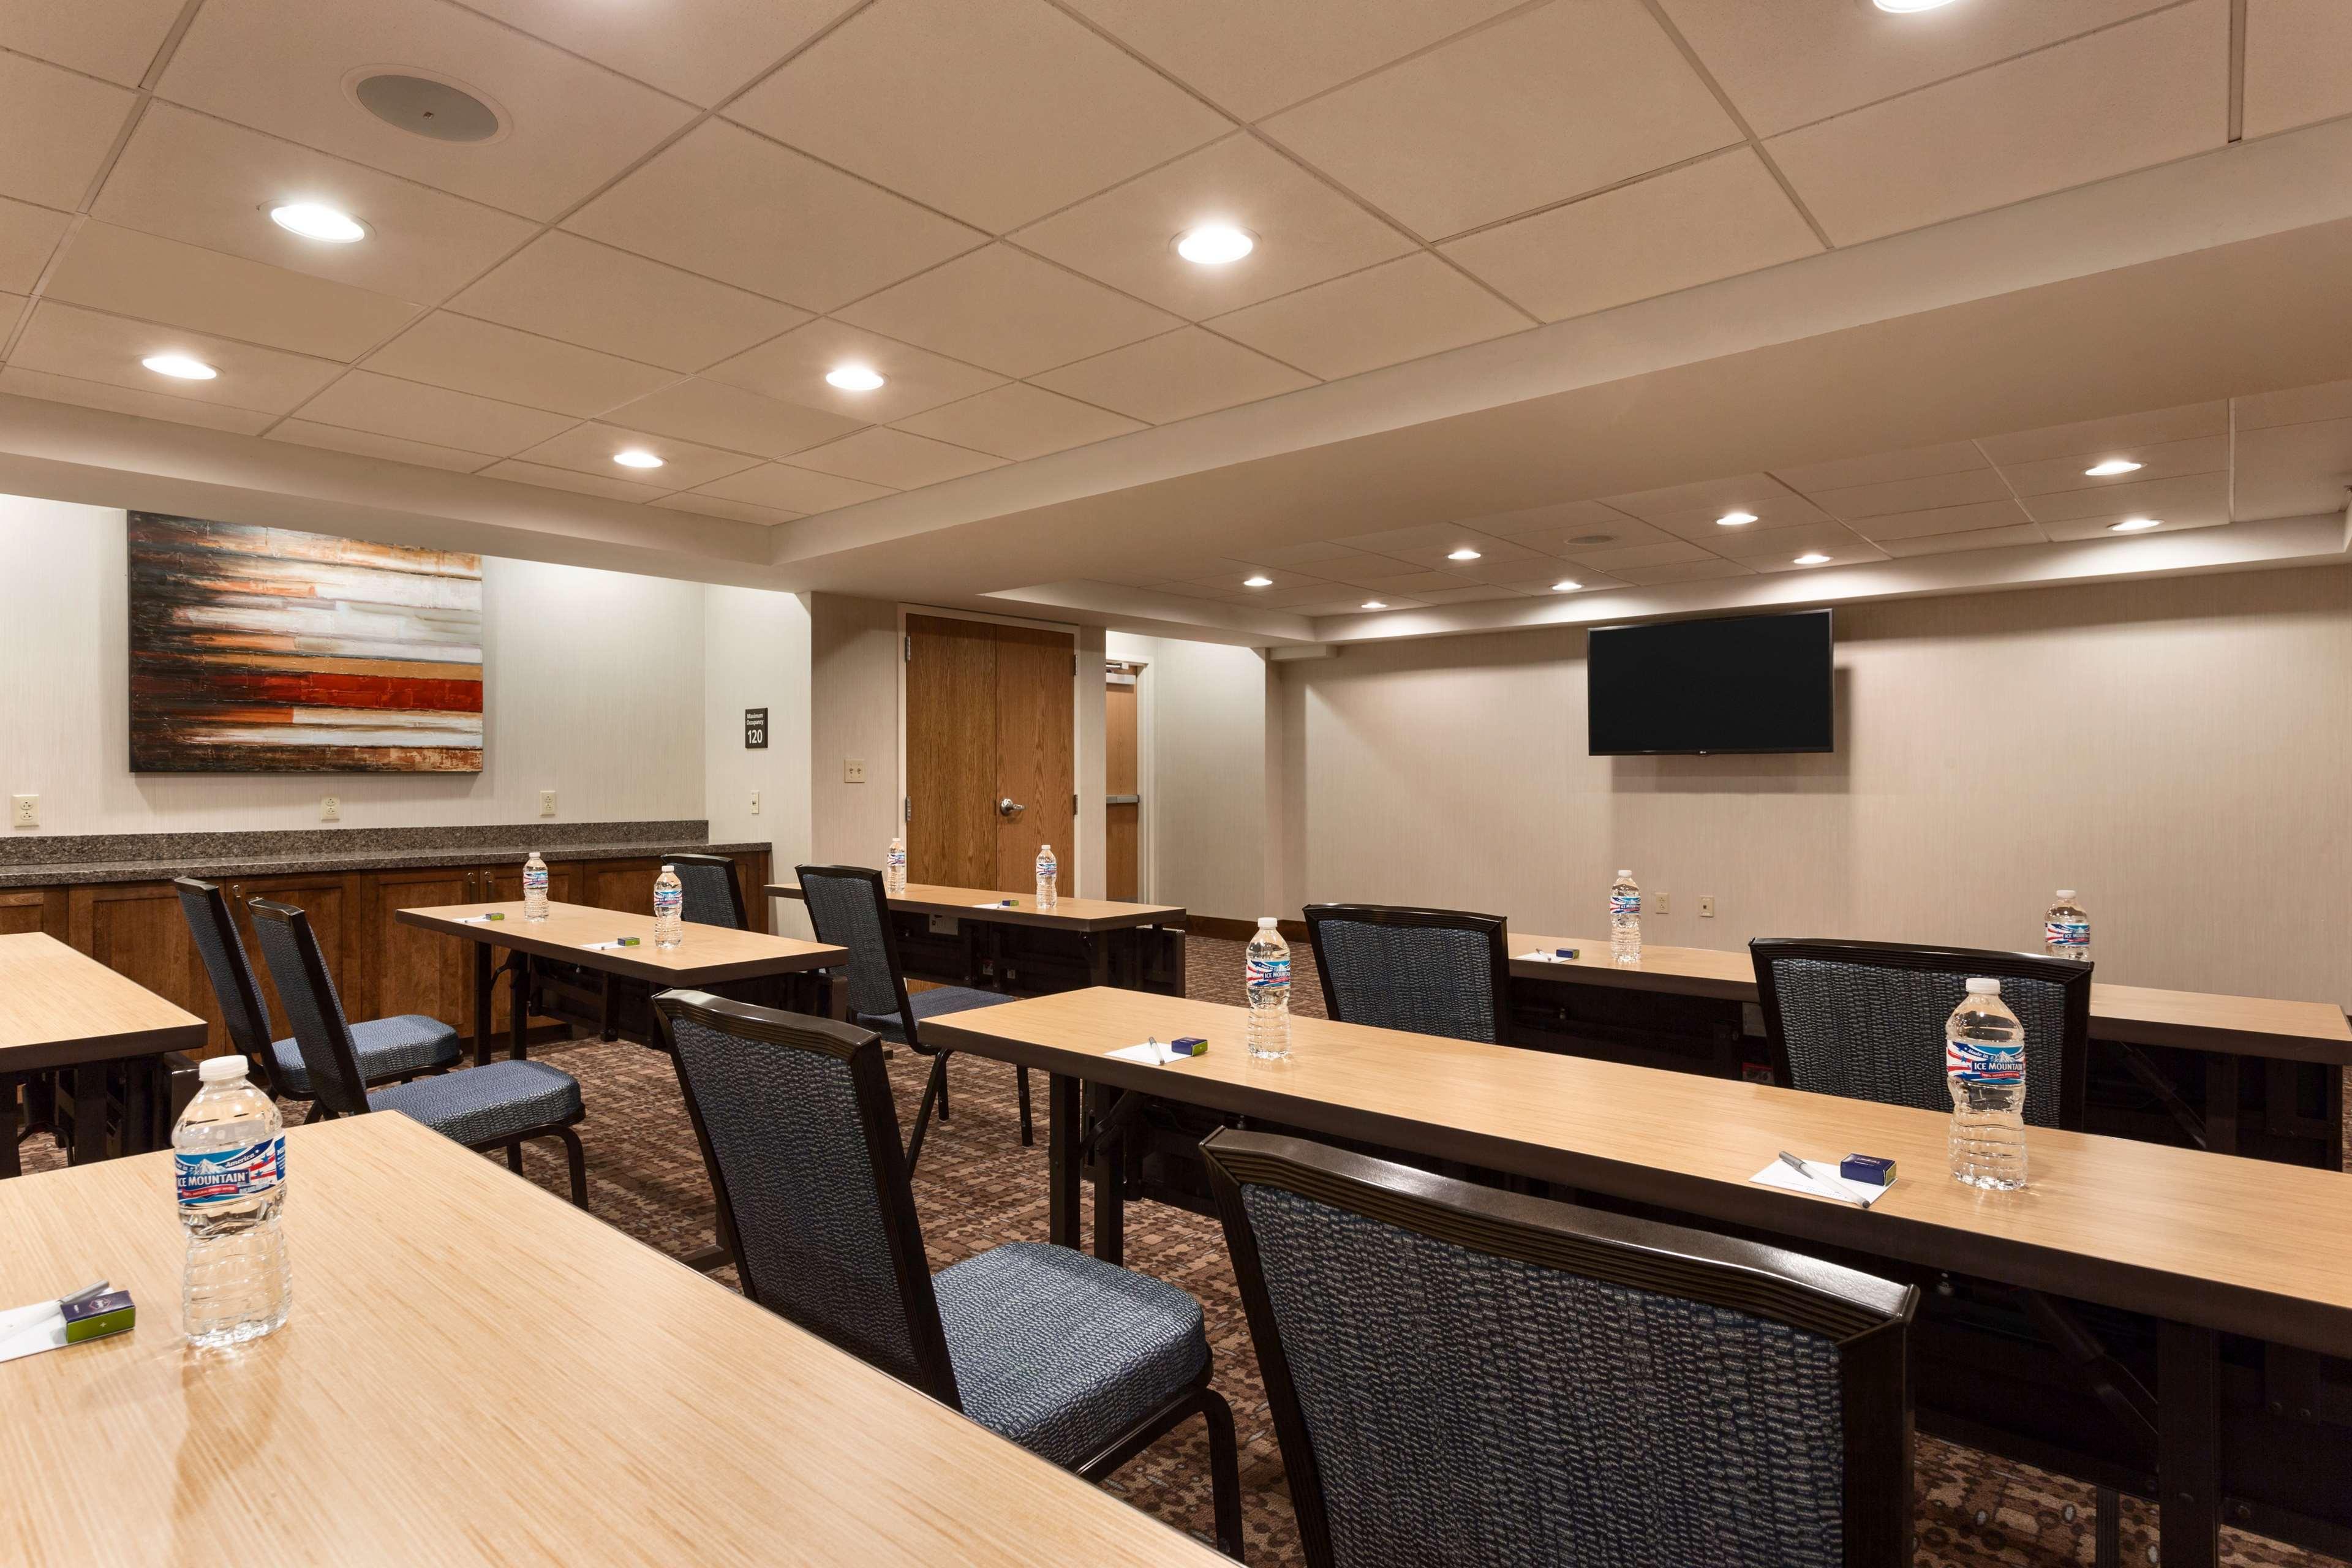 Hampton Inn and Suites Clayton/St Louis-Galleria Area image 31